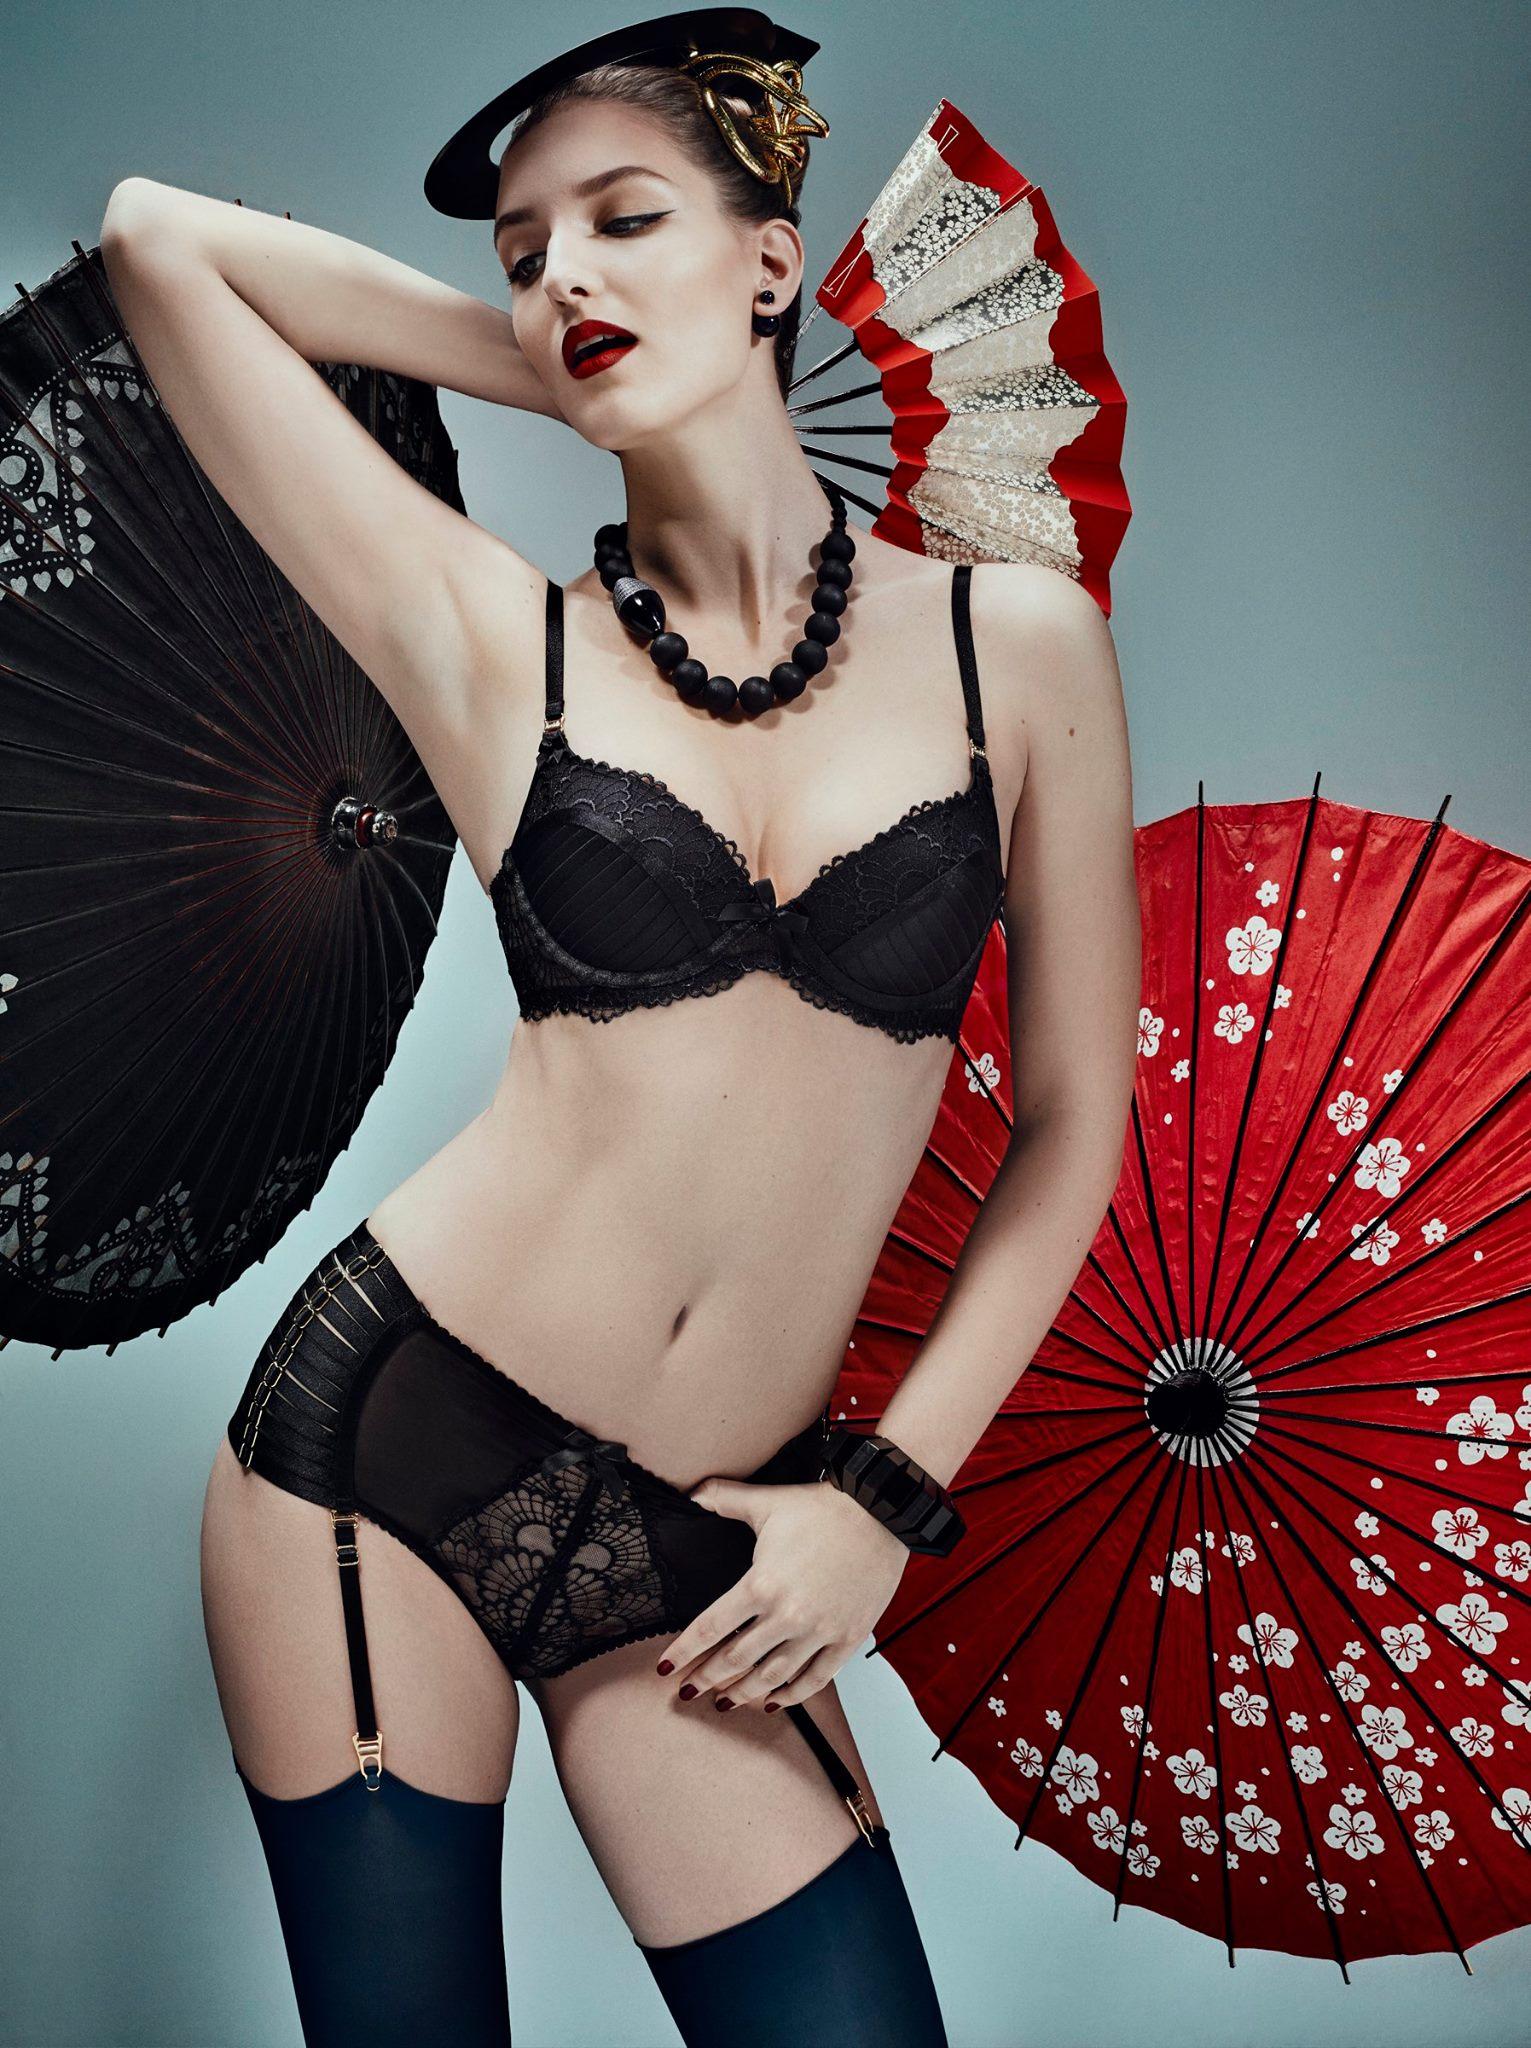 Bordelle lingerie, aw16-17